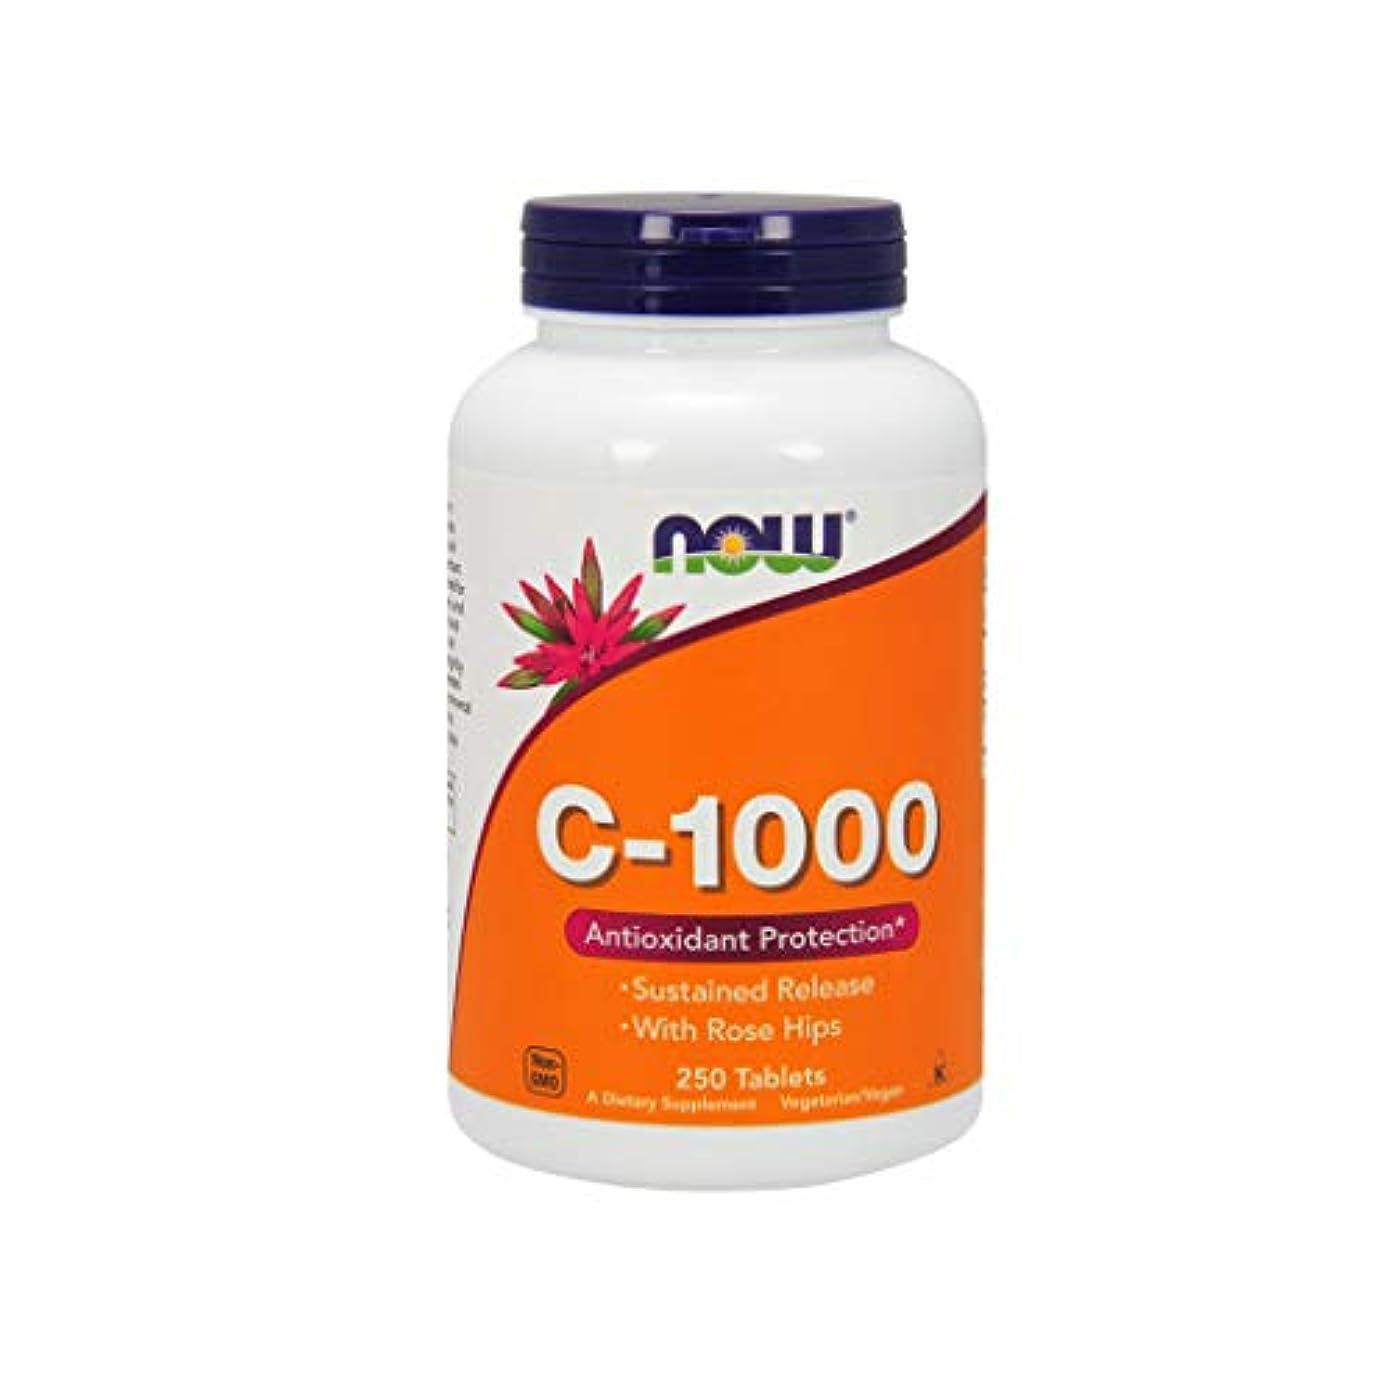 飼料ヘビモトリー[海外直送品] ナウフーズ  - バラの実が付いているビタミンC1000の時間解放 - 250錠剤